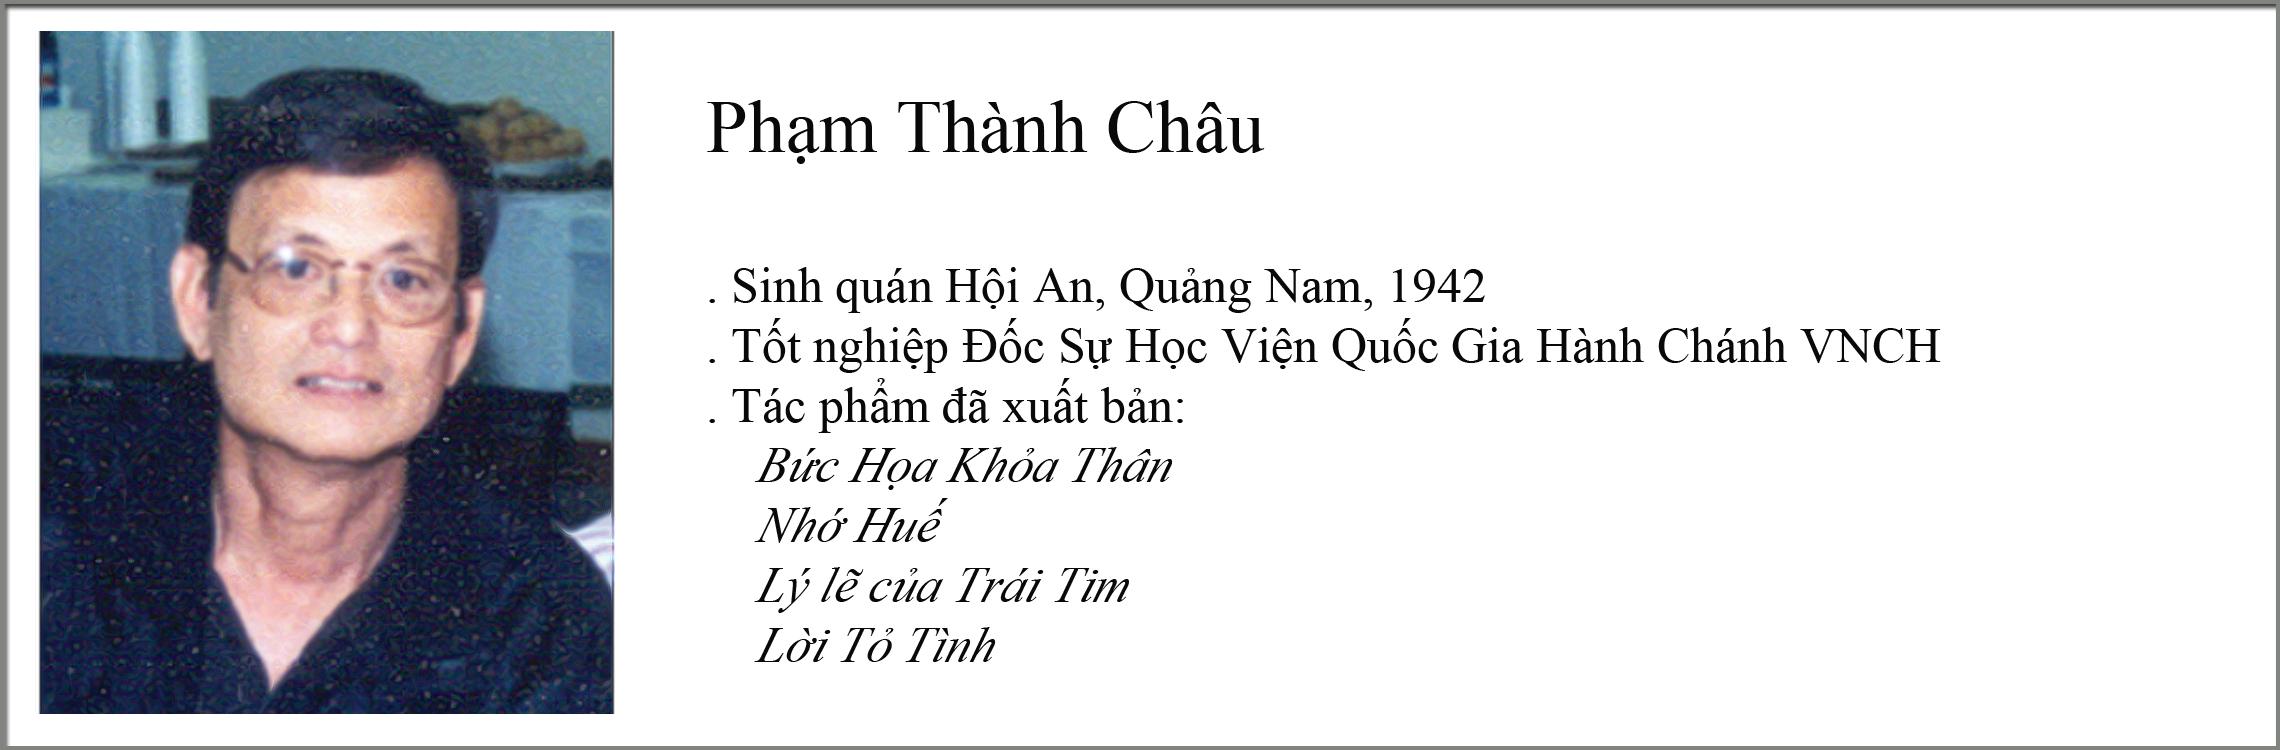 phamthanhchau